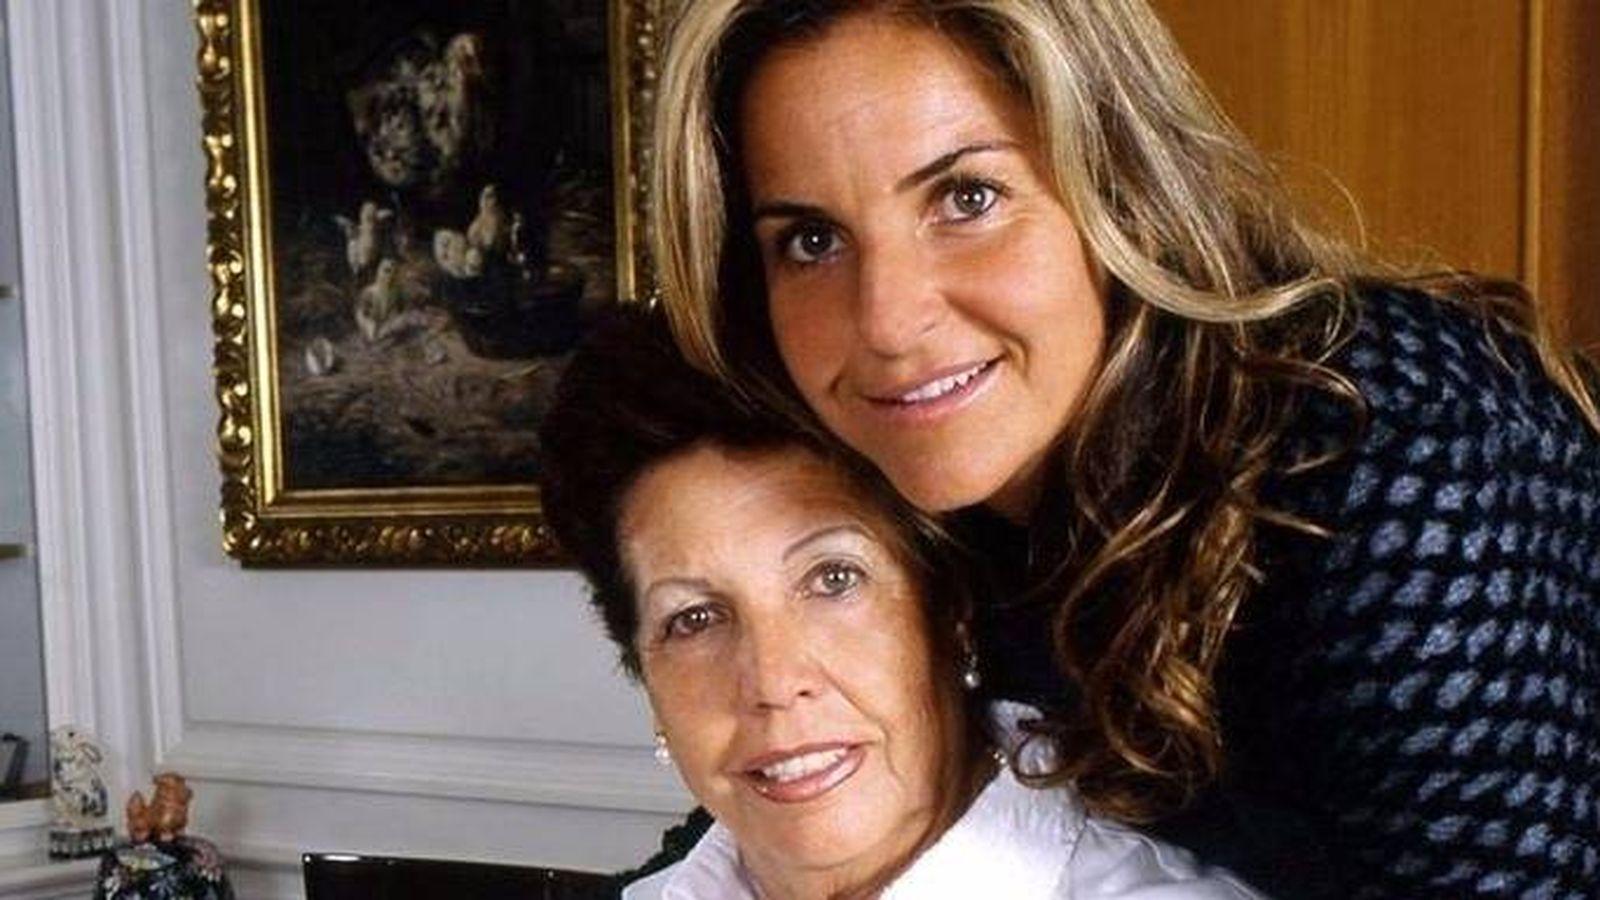 Noticias de Famosos La madre de Arantxa Sánchez Vicario no sabe